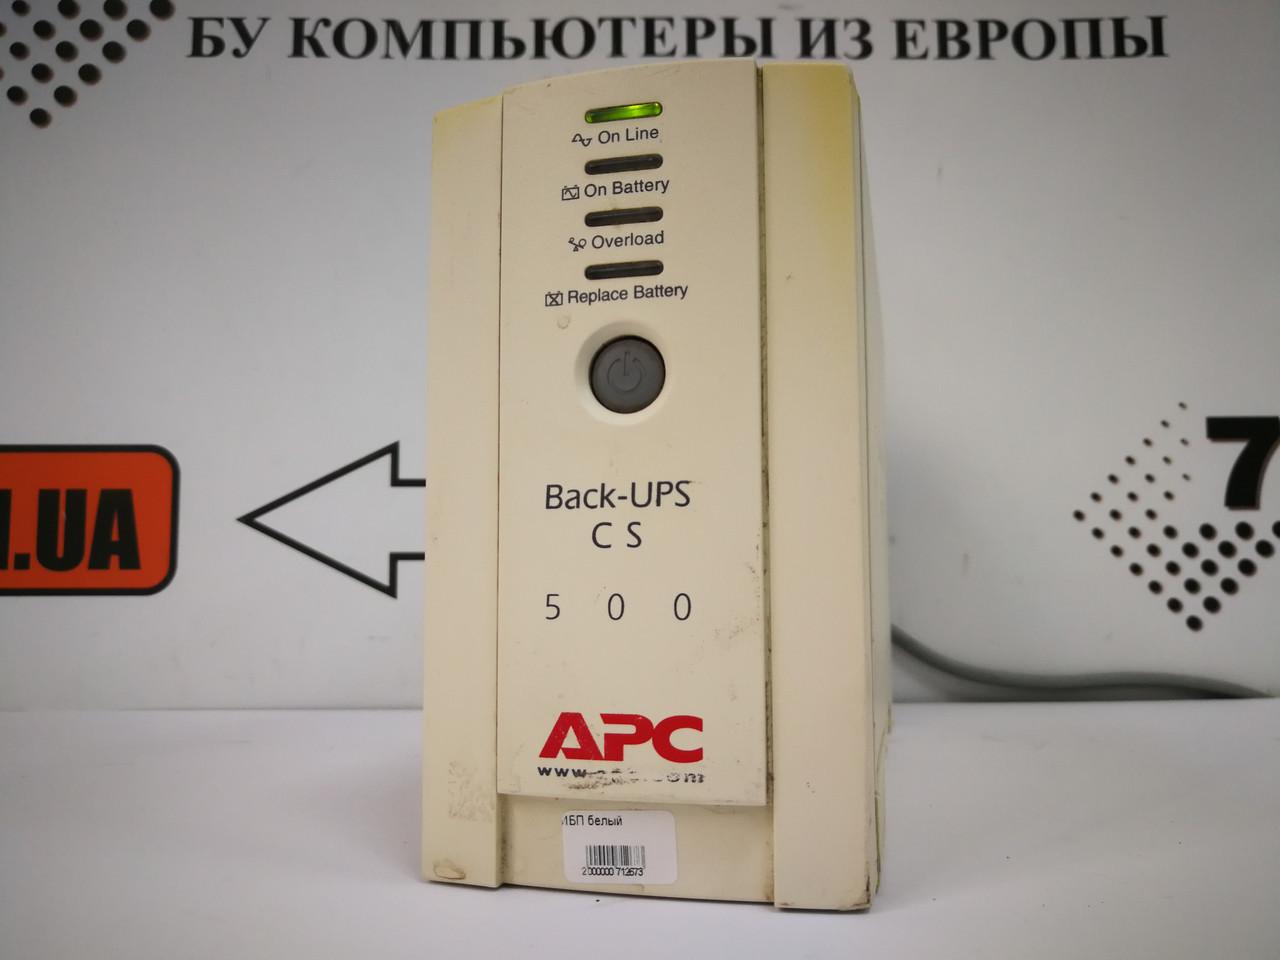 ИБП APC Back-UPS / Гарантия 3 мес. на устройство, фото 1